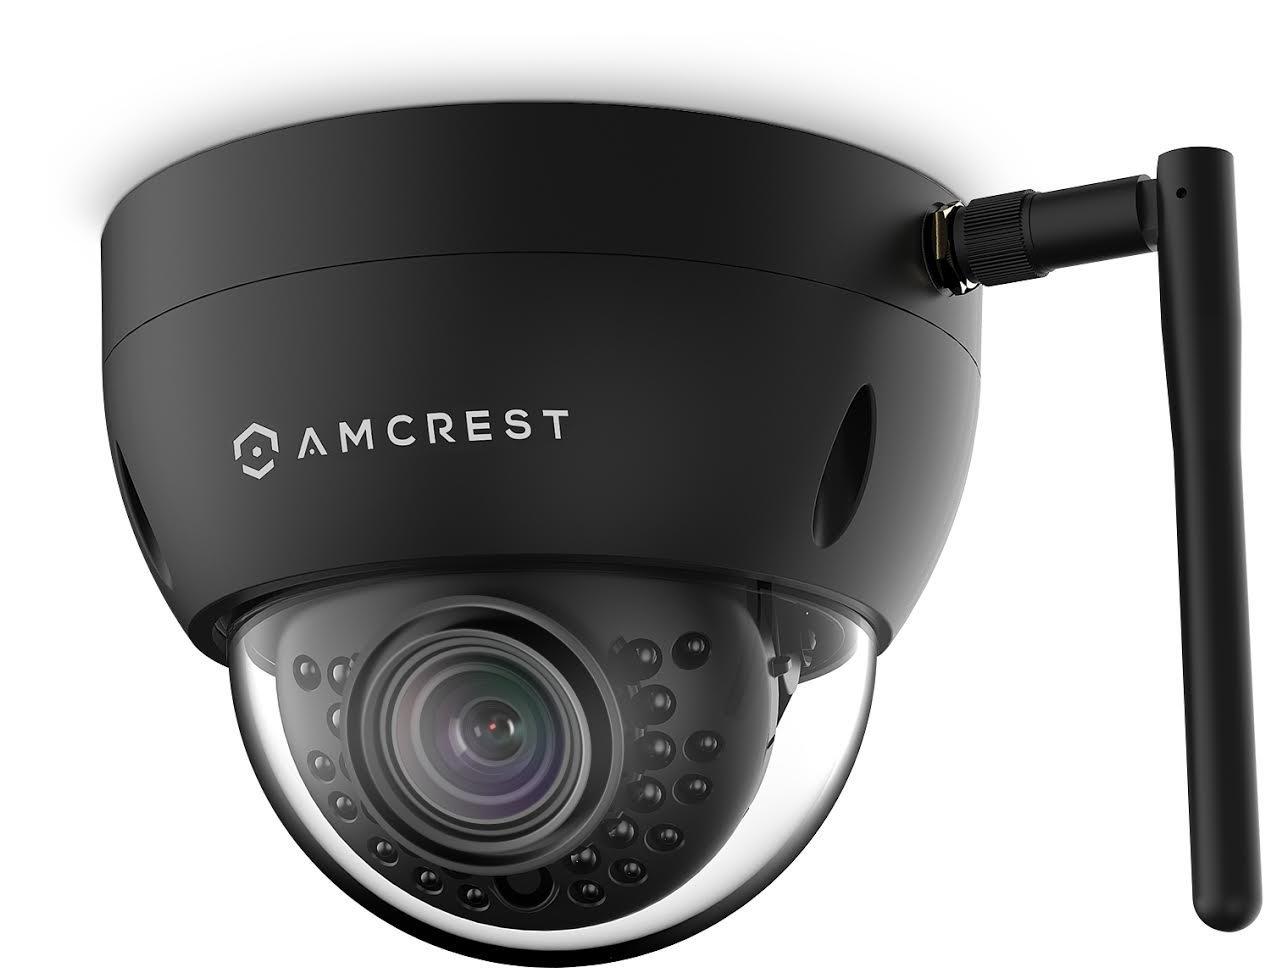 Amcrest ProHD Outdoor 1.3 Megapixel Wi-Fi Vandal Dome IP Security Camera IP67 Weatherproof, IK10 Vandal-Proof, 1.3MP (1280x960 TVL), IPM-751B (Black) [並行輸入品] B01N0PRIPQ